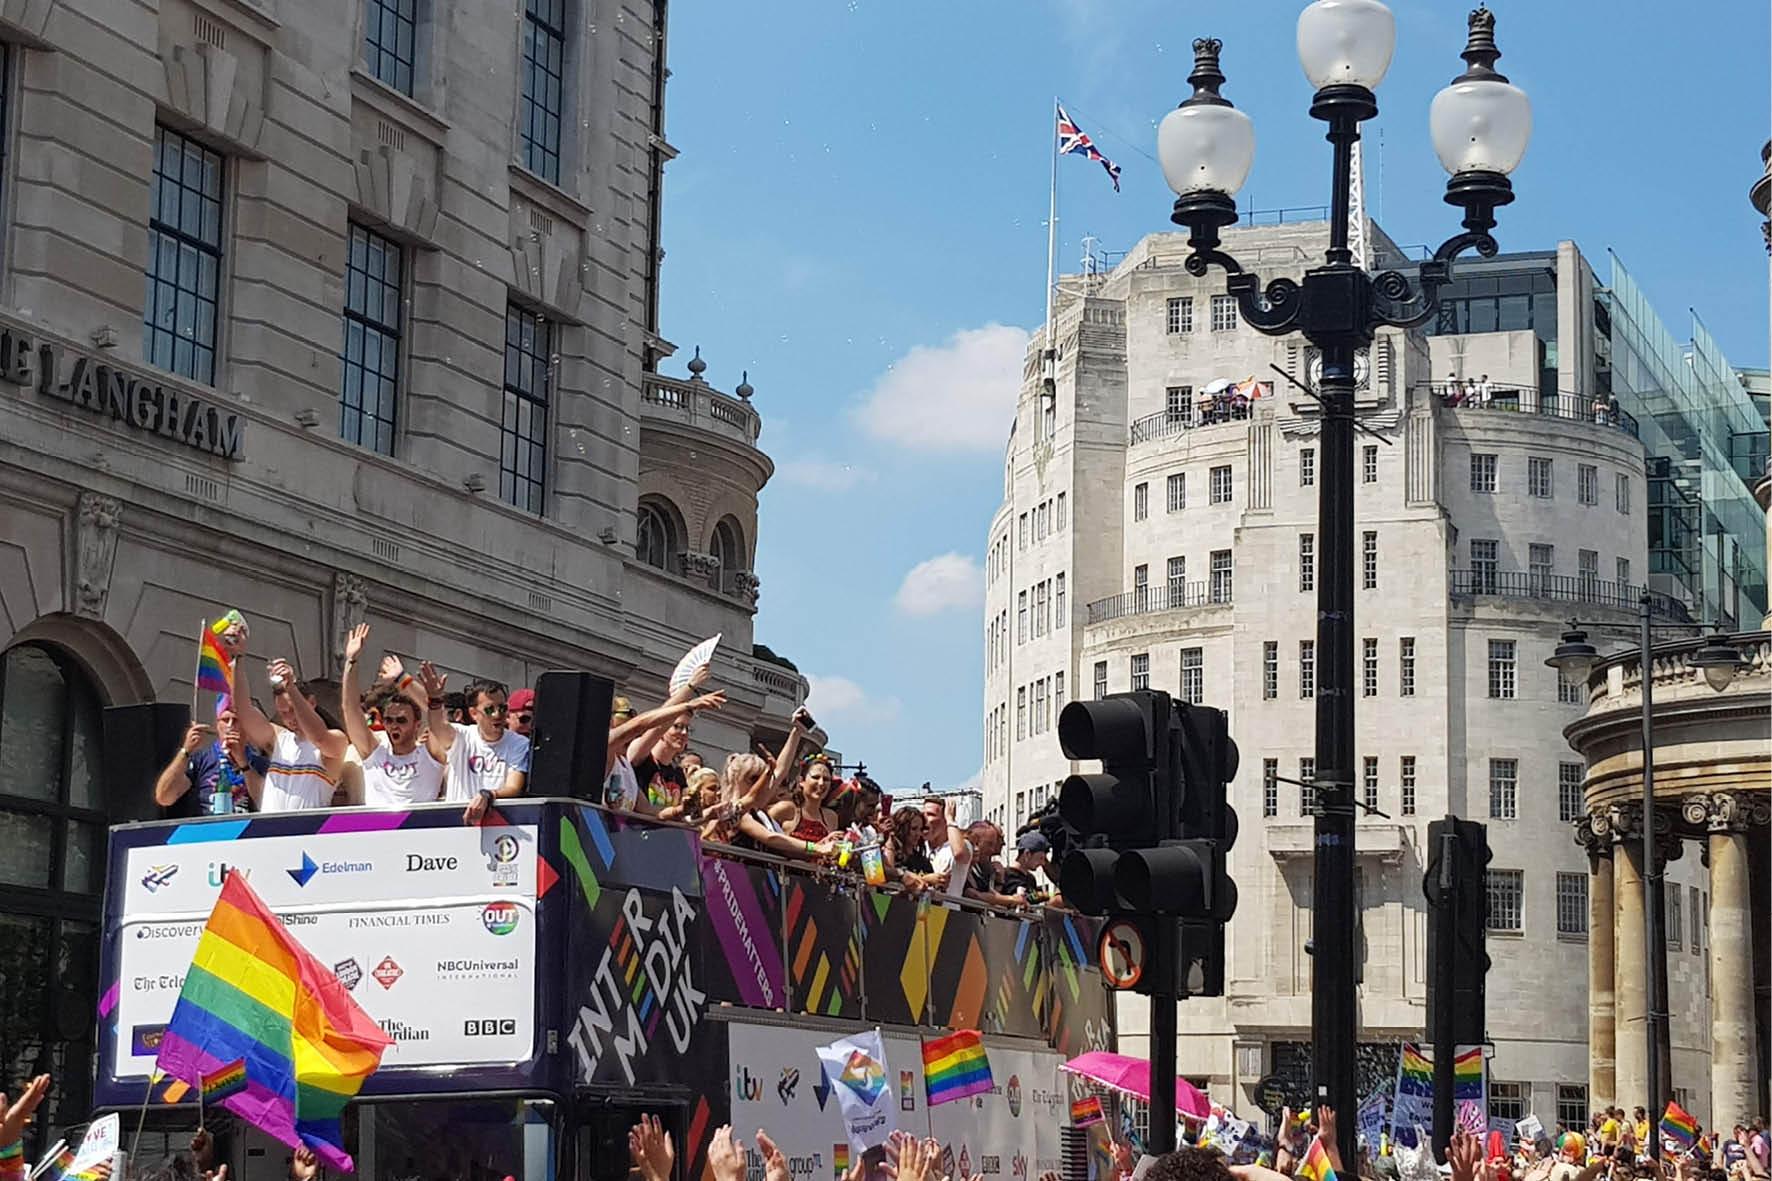 bus_business_london_pride_2018_10.jpg